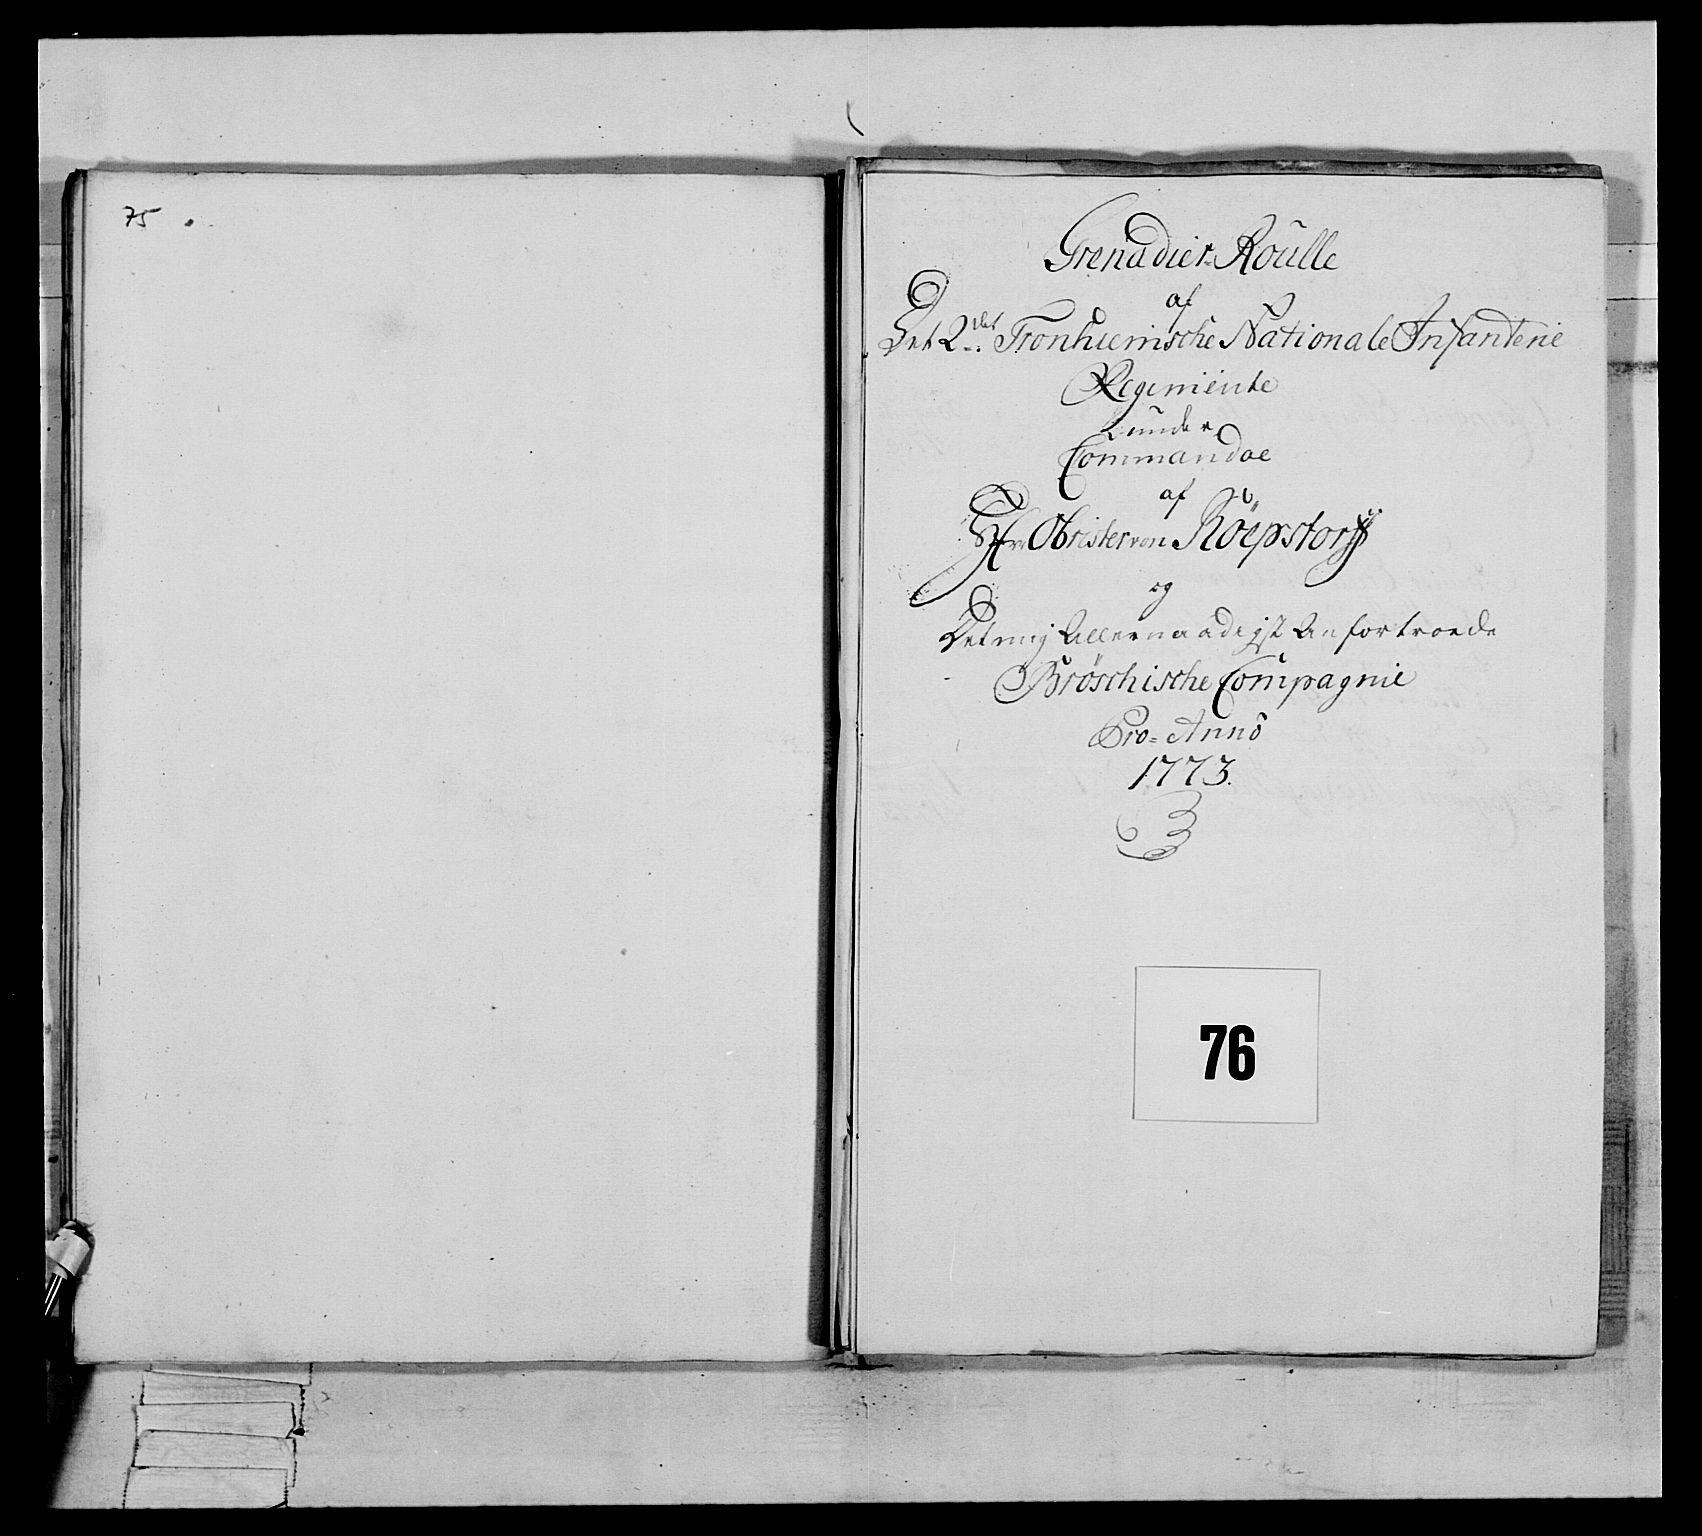 RA, Generalitets- og kommissariatskollegiet, Det kongelige norske kommissariatskollegium, E/Eh/L0076: 2. Trondheimske nasjonale infanteriregiment, 1766-1773, s. 367